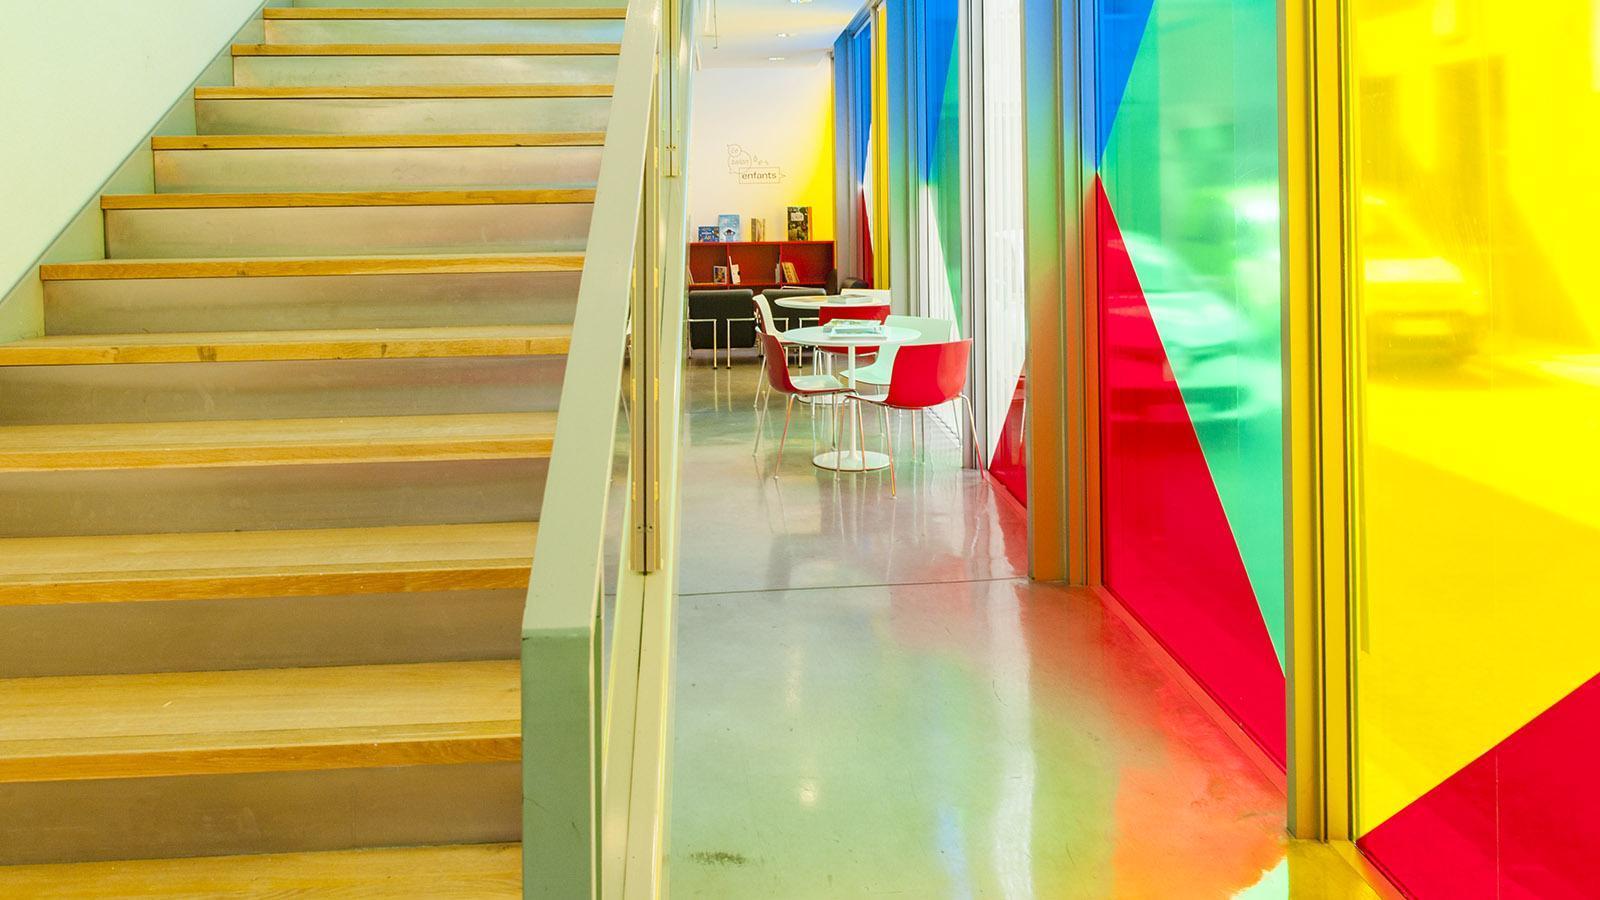 Auch in Sérignan verkleidete Daniel die Fassade mit farbigen Folien - beim MRAC in Komplementärfarben. Foto: Hilke Maunder